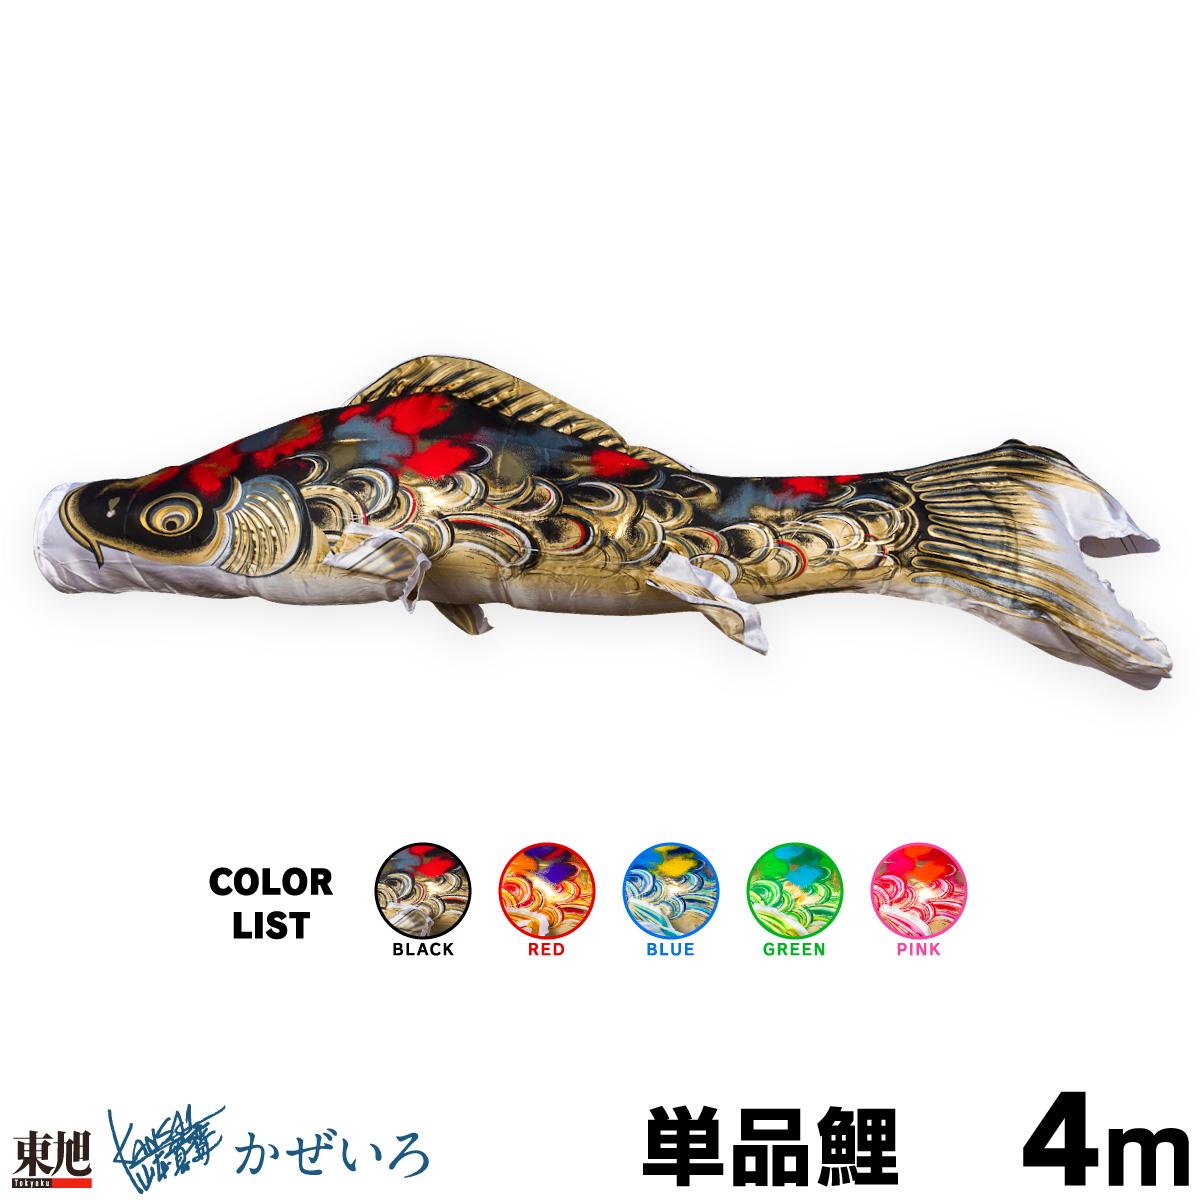 【こいのぼり 単品】 かぜいろ 4m 単品鯉